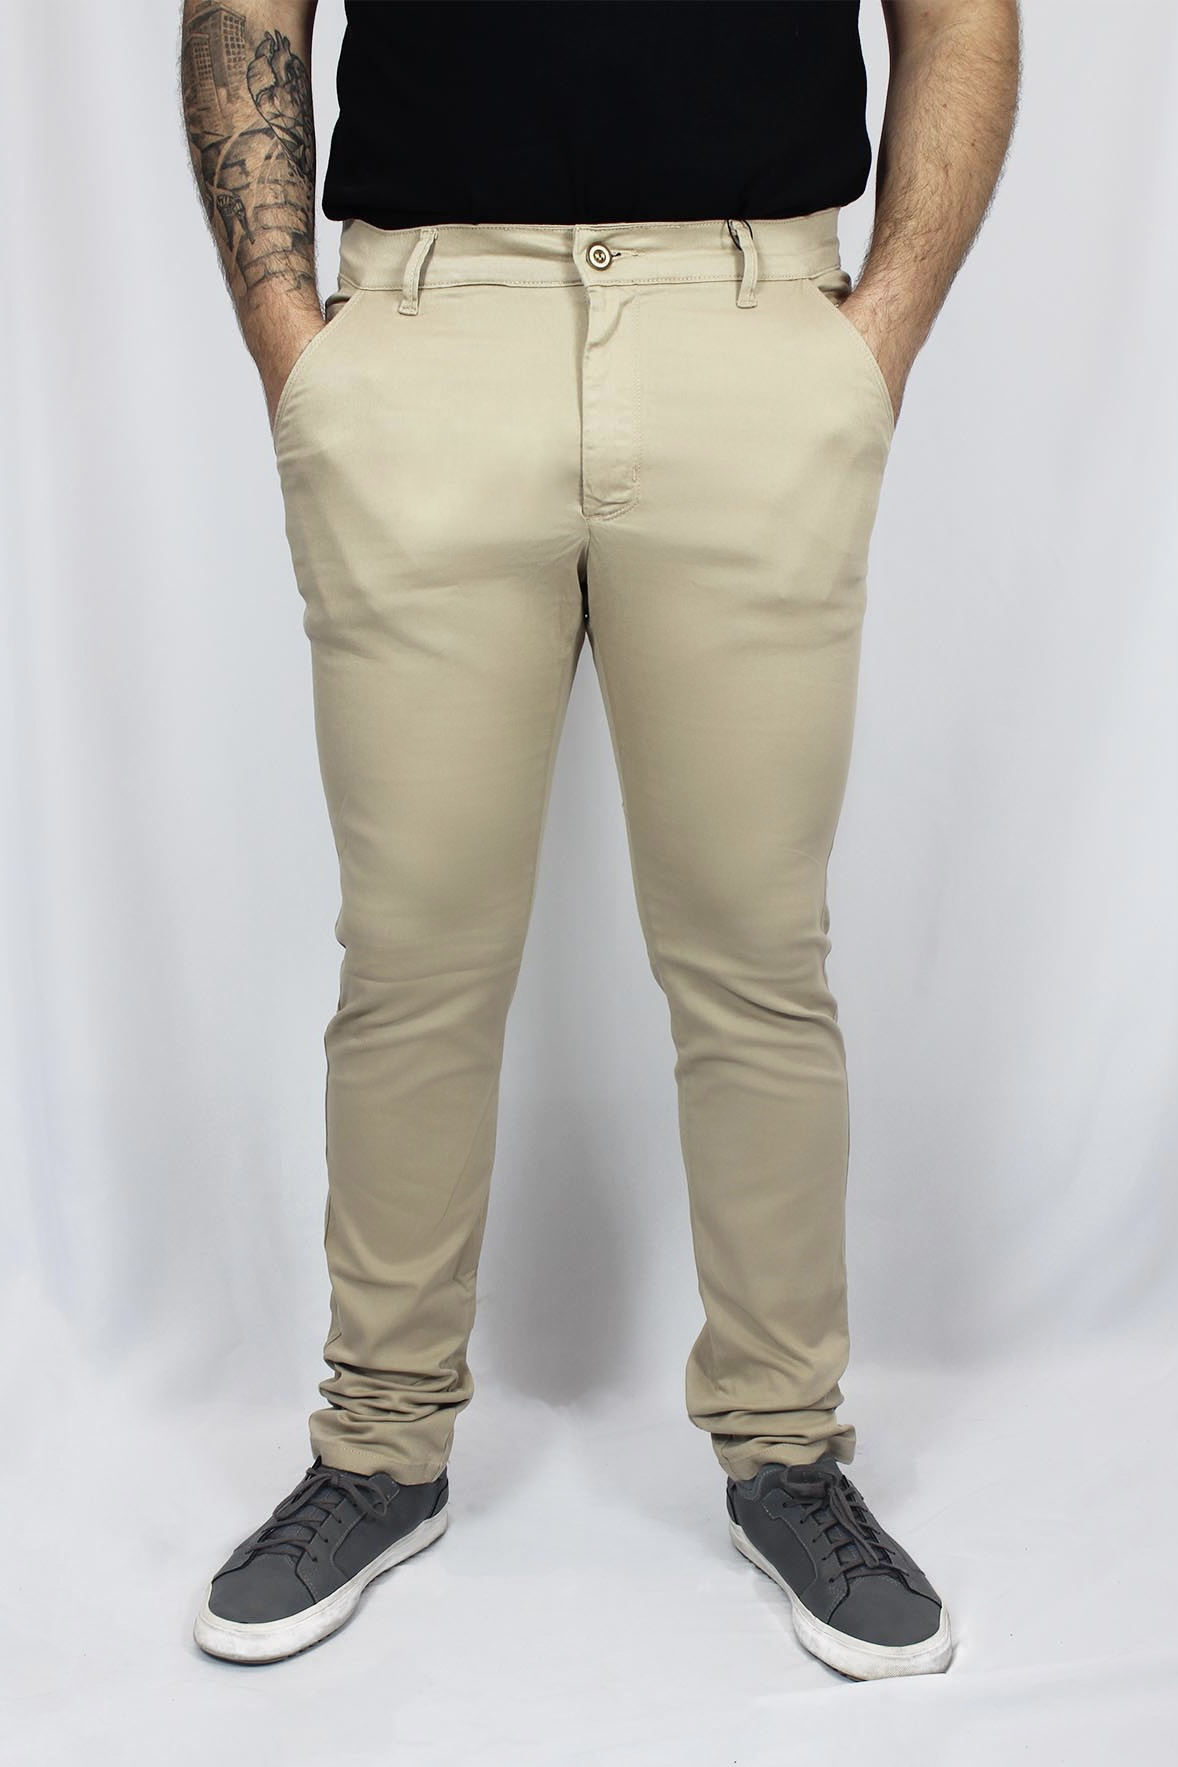 Calça Alfaiataria de Sarja Slim Lisa com Elastano Masculina - Areia